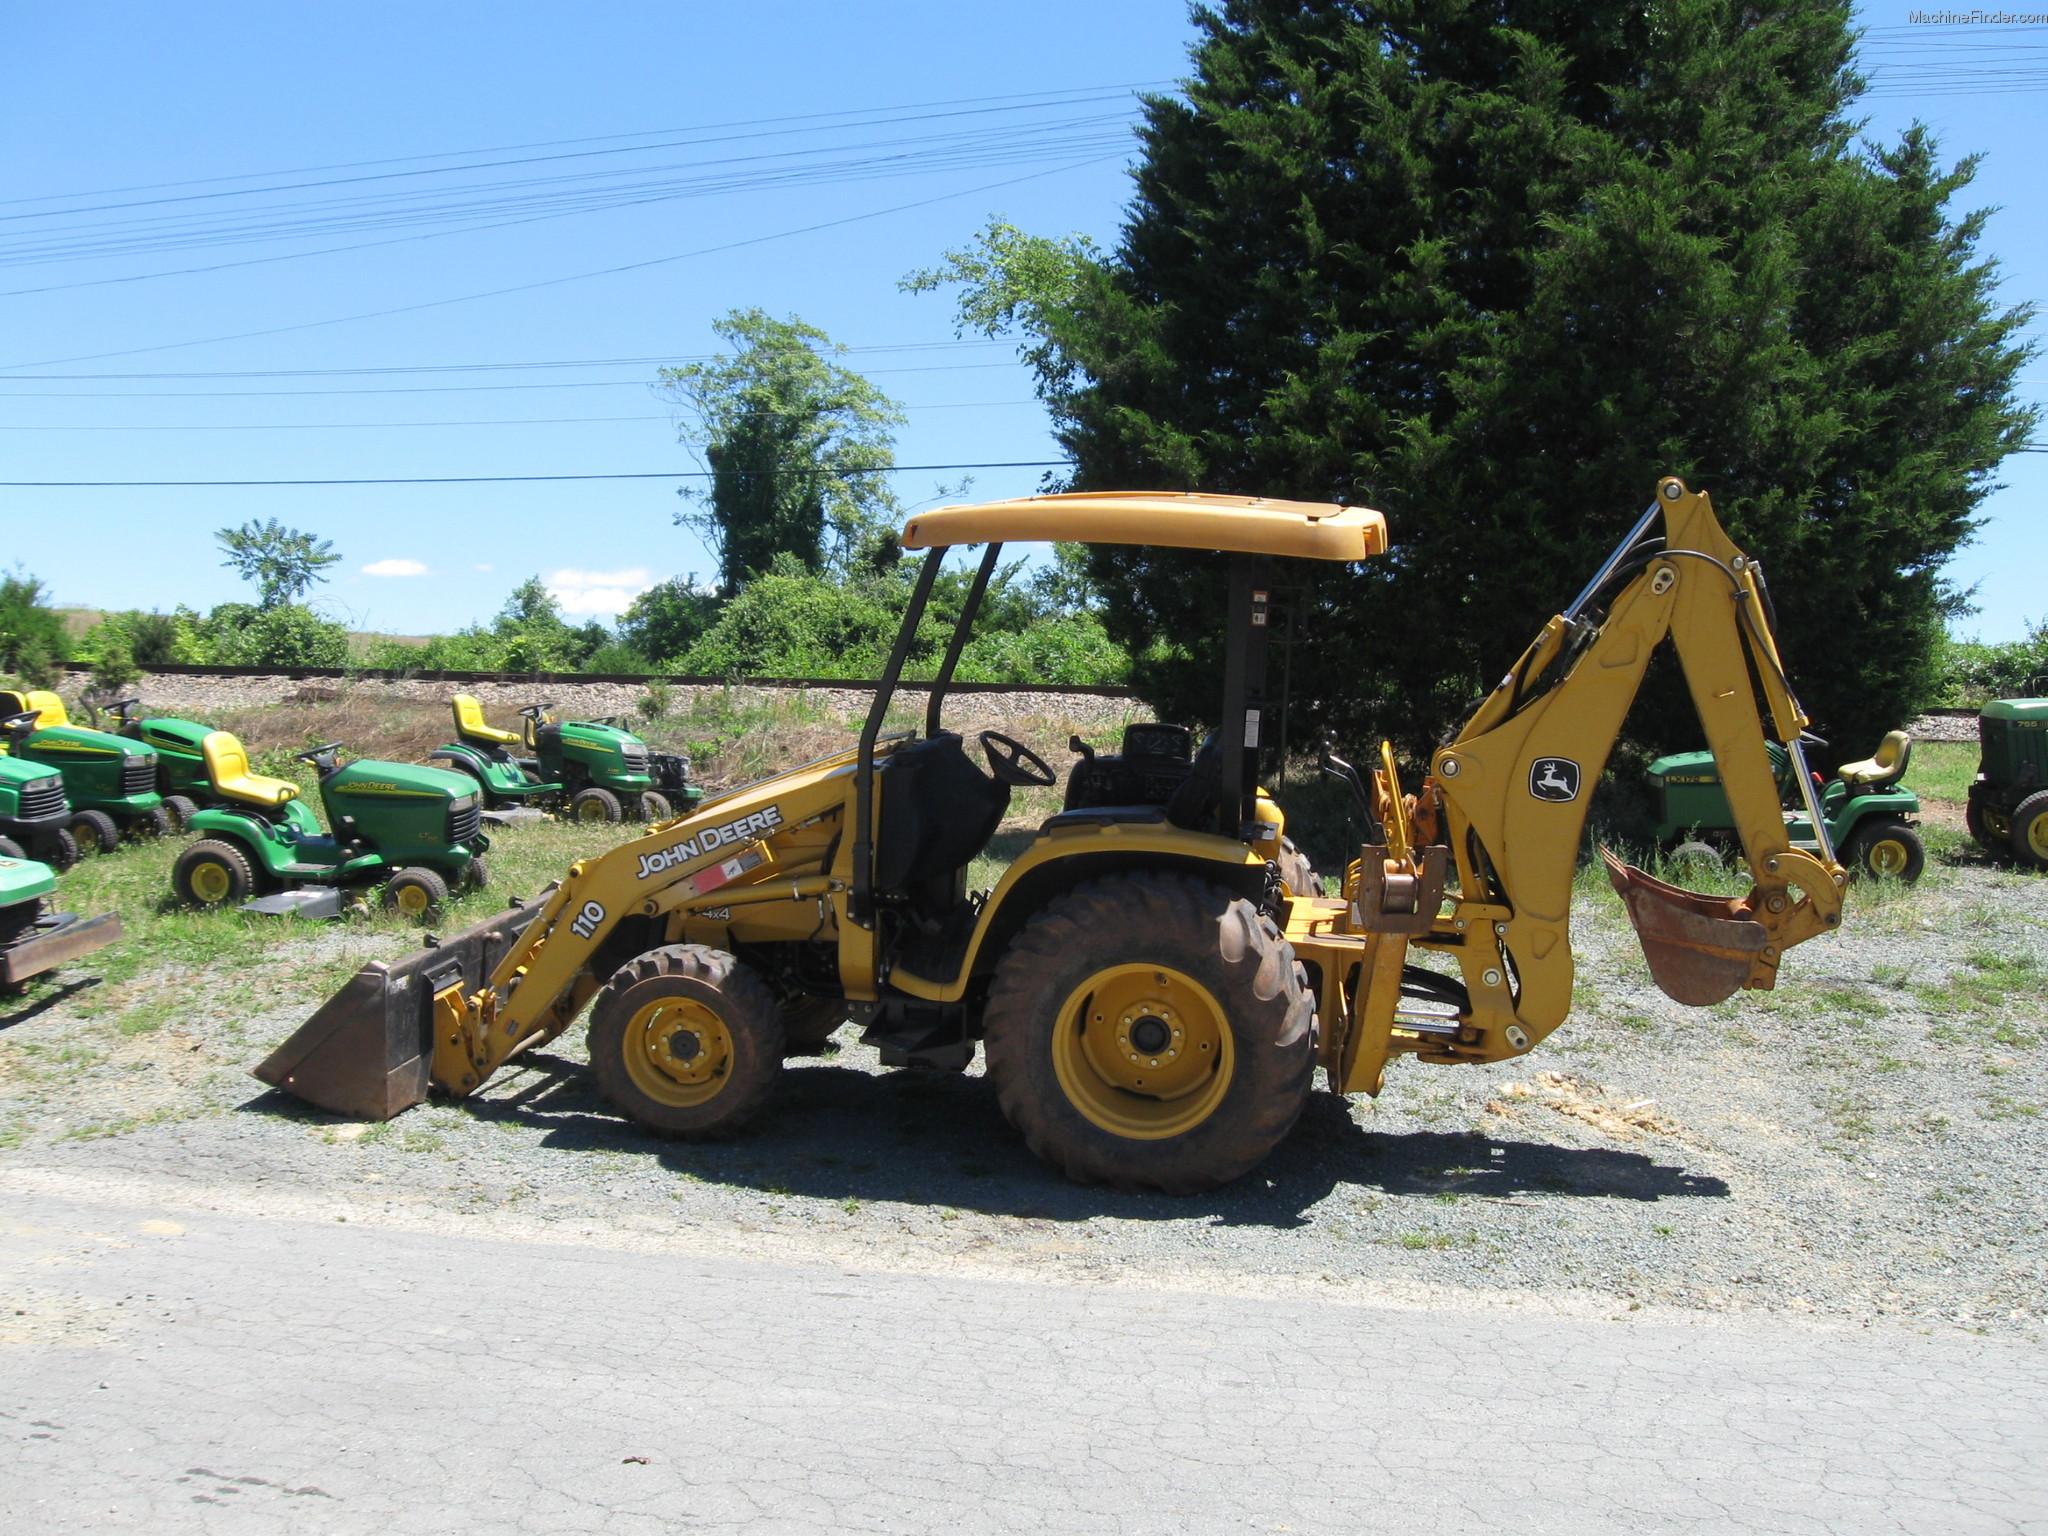 2008 John Deere 110 TLB Tractors - Compact (1-40hp.) - John Deere ...